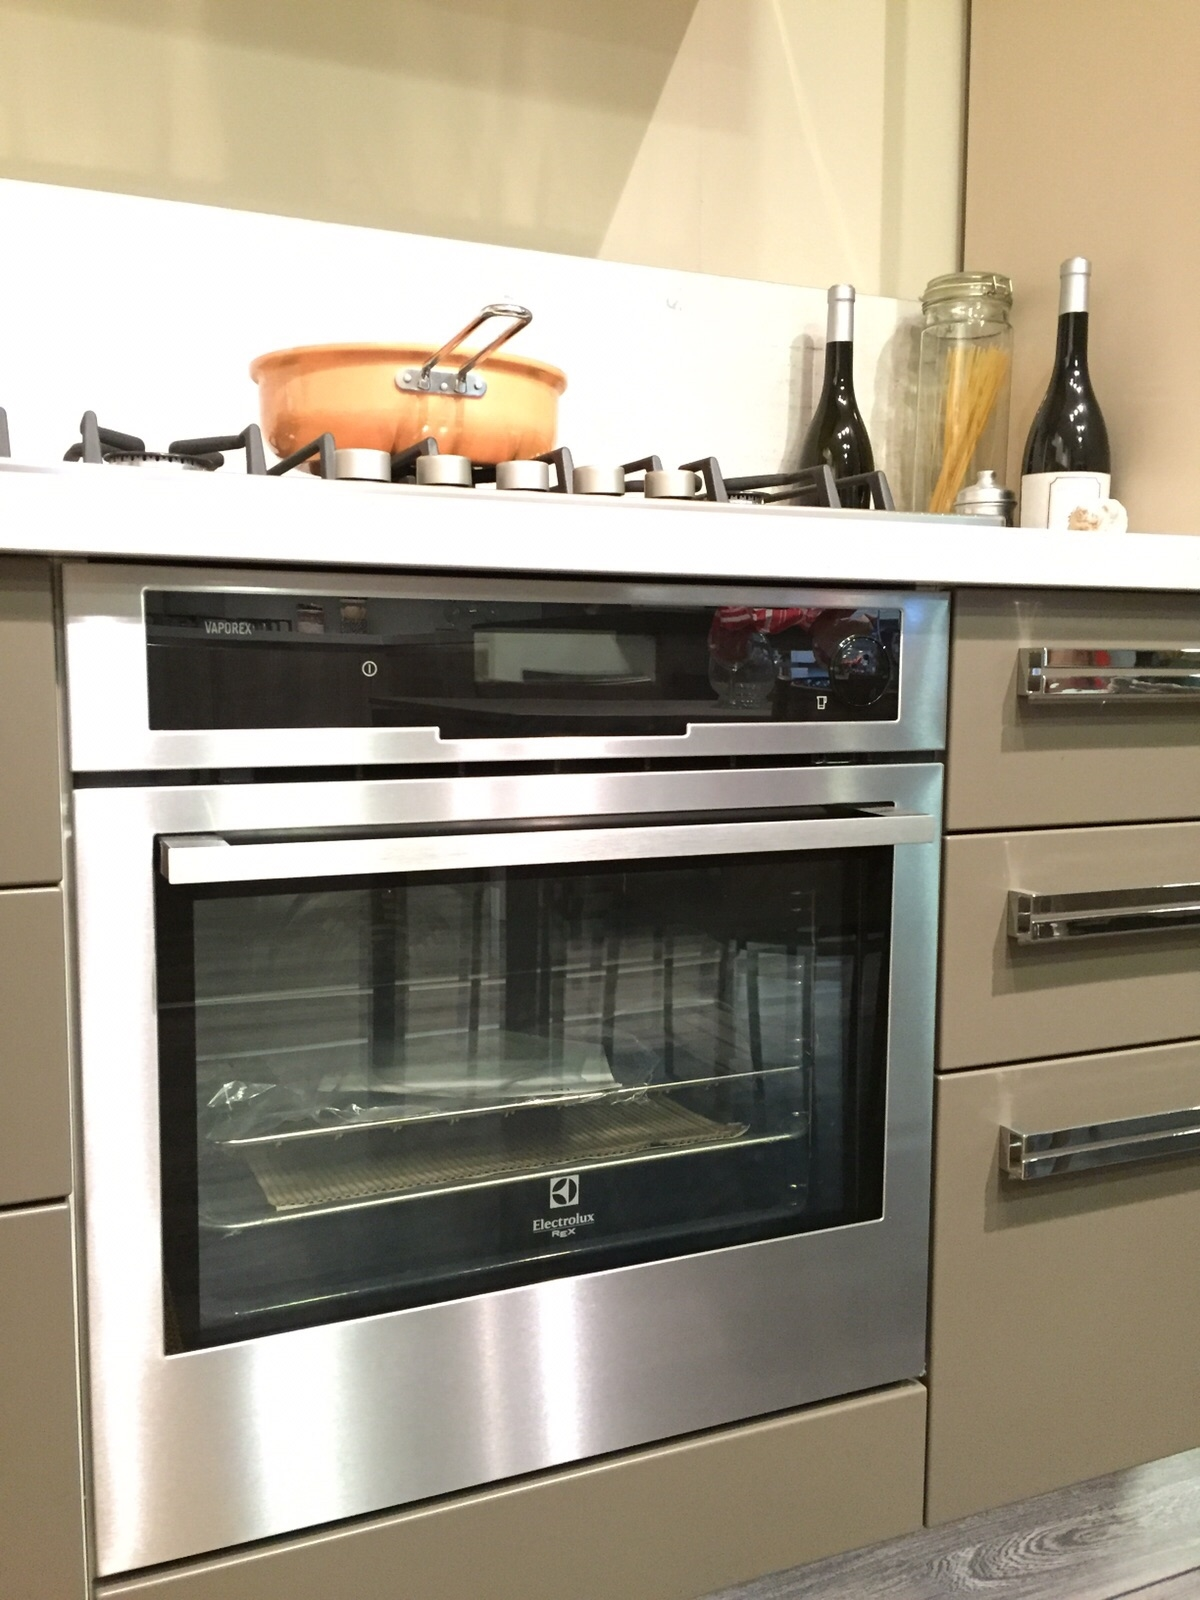 Cucina Moderna Astra Mod Vela Sconto Del 66 Cucine A Vela Elettrodomestici